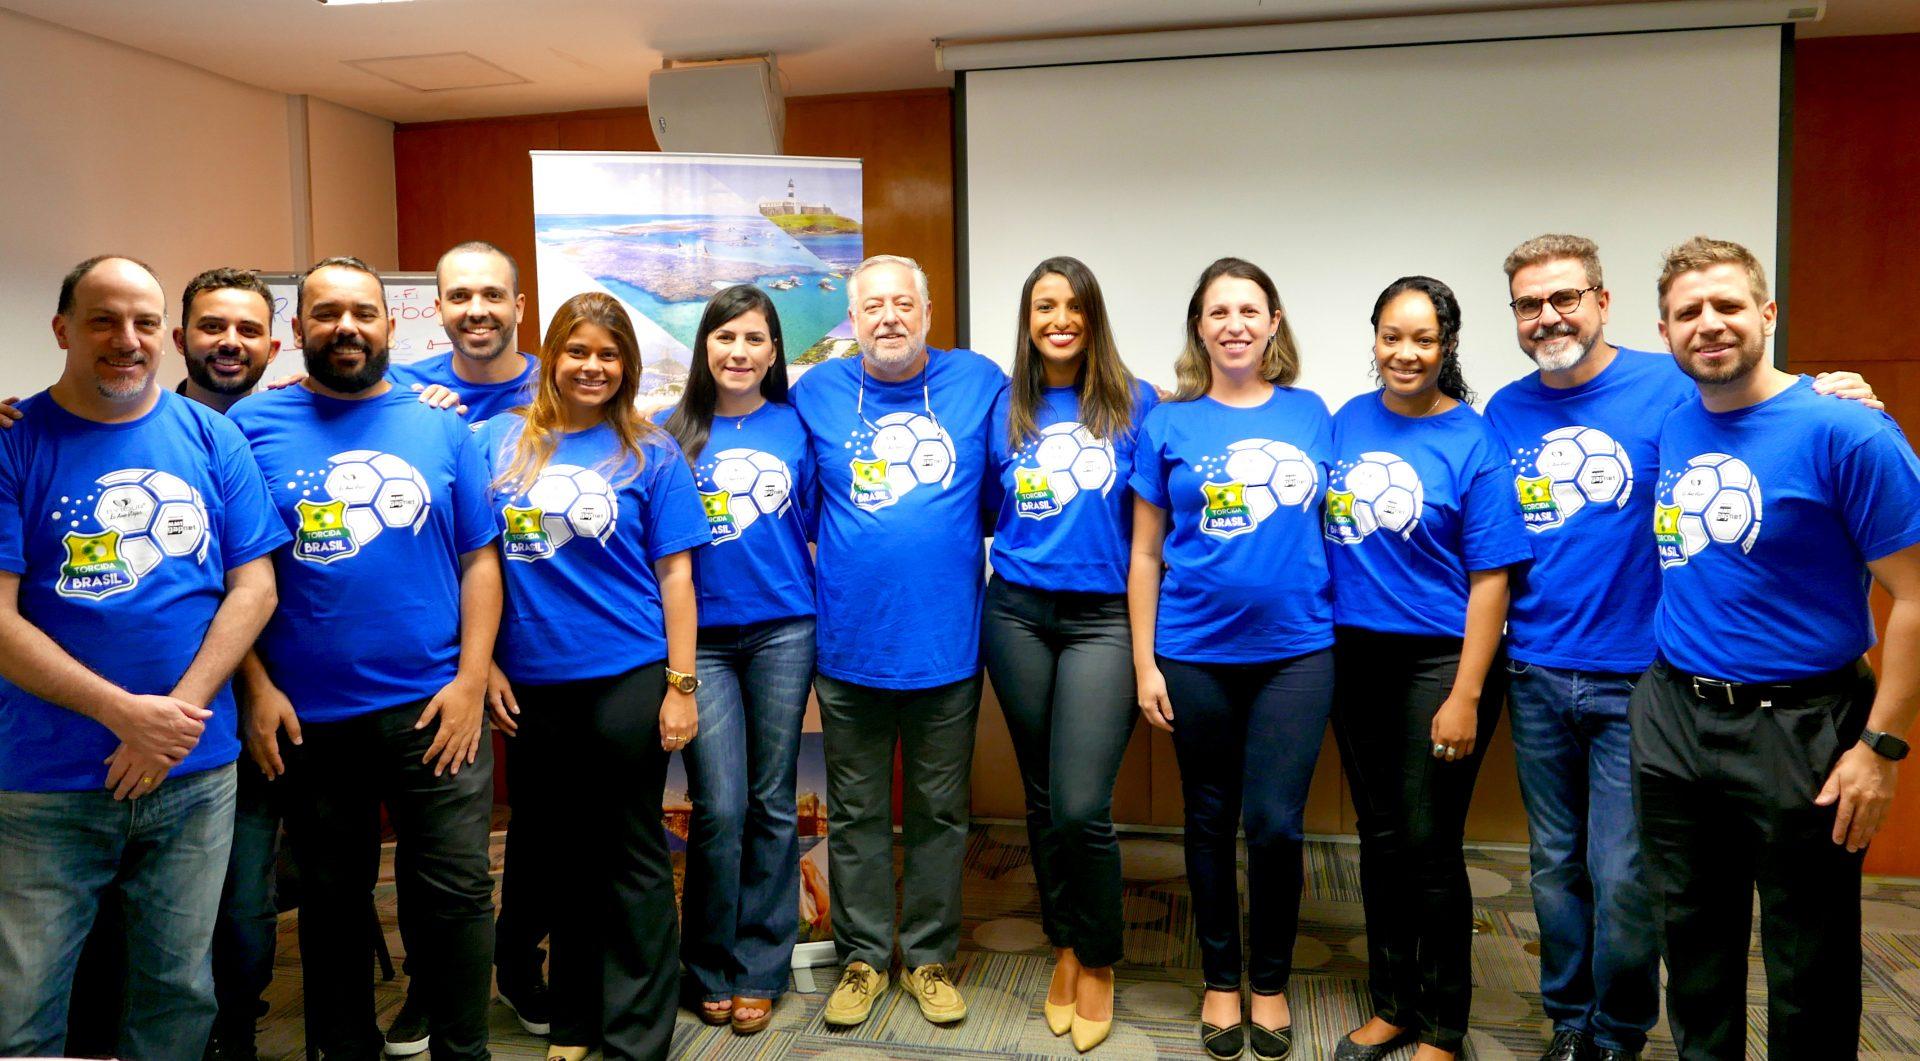 Michael Barkoczy, presidente da Flytour Viagens MMT e o time da operadora presente no café da manhã em Belo Horizonte